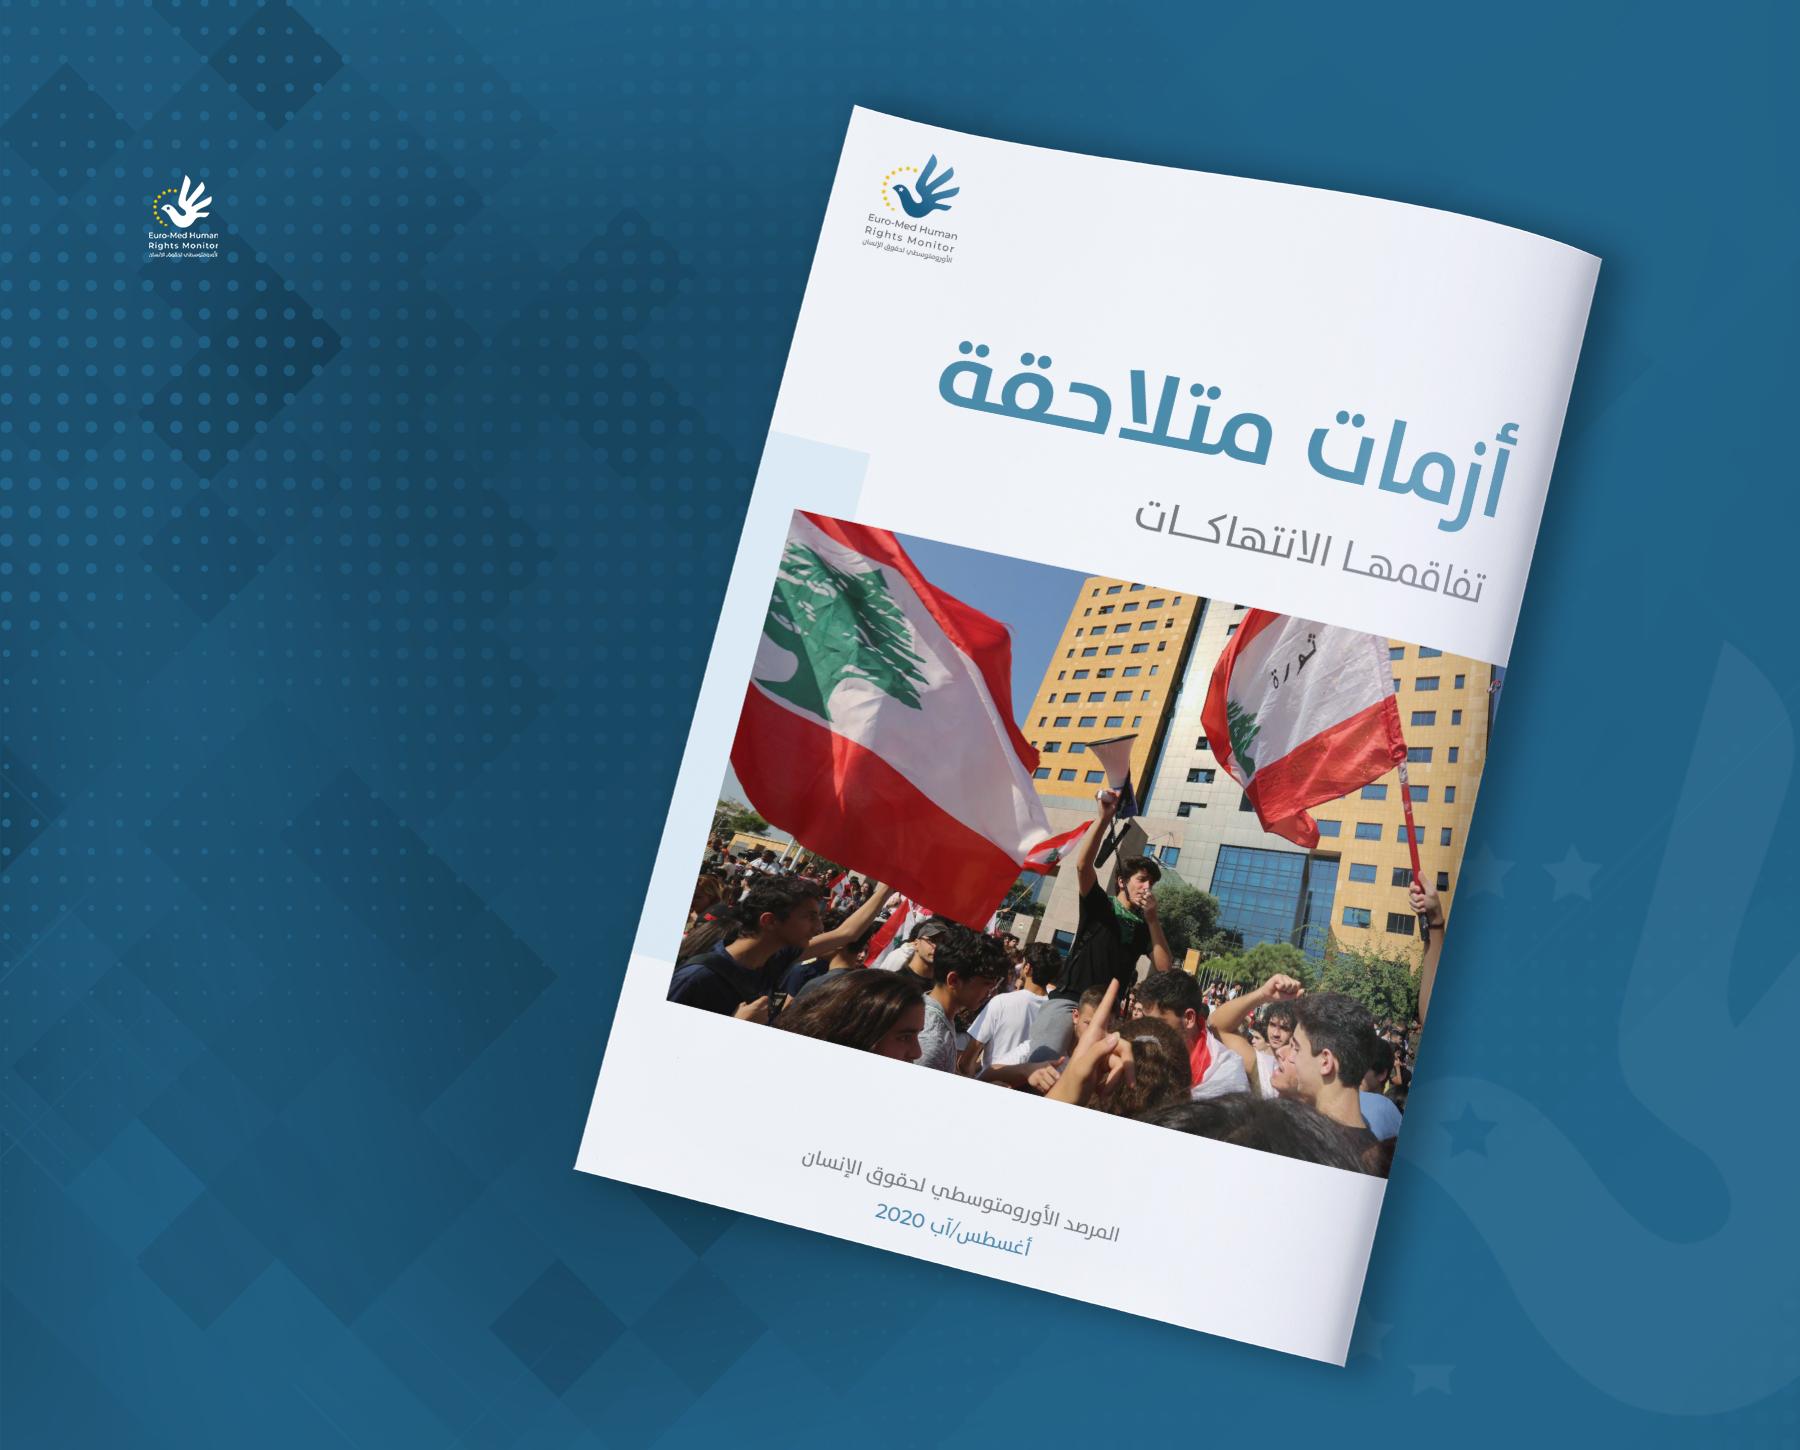 تقرير شامل للأورومتوسطي يرصد أزمات لبنان المتلاحقة والانتهاكات المتفاقمة